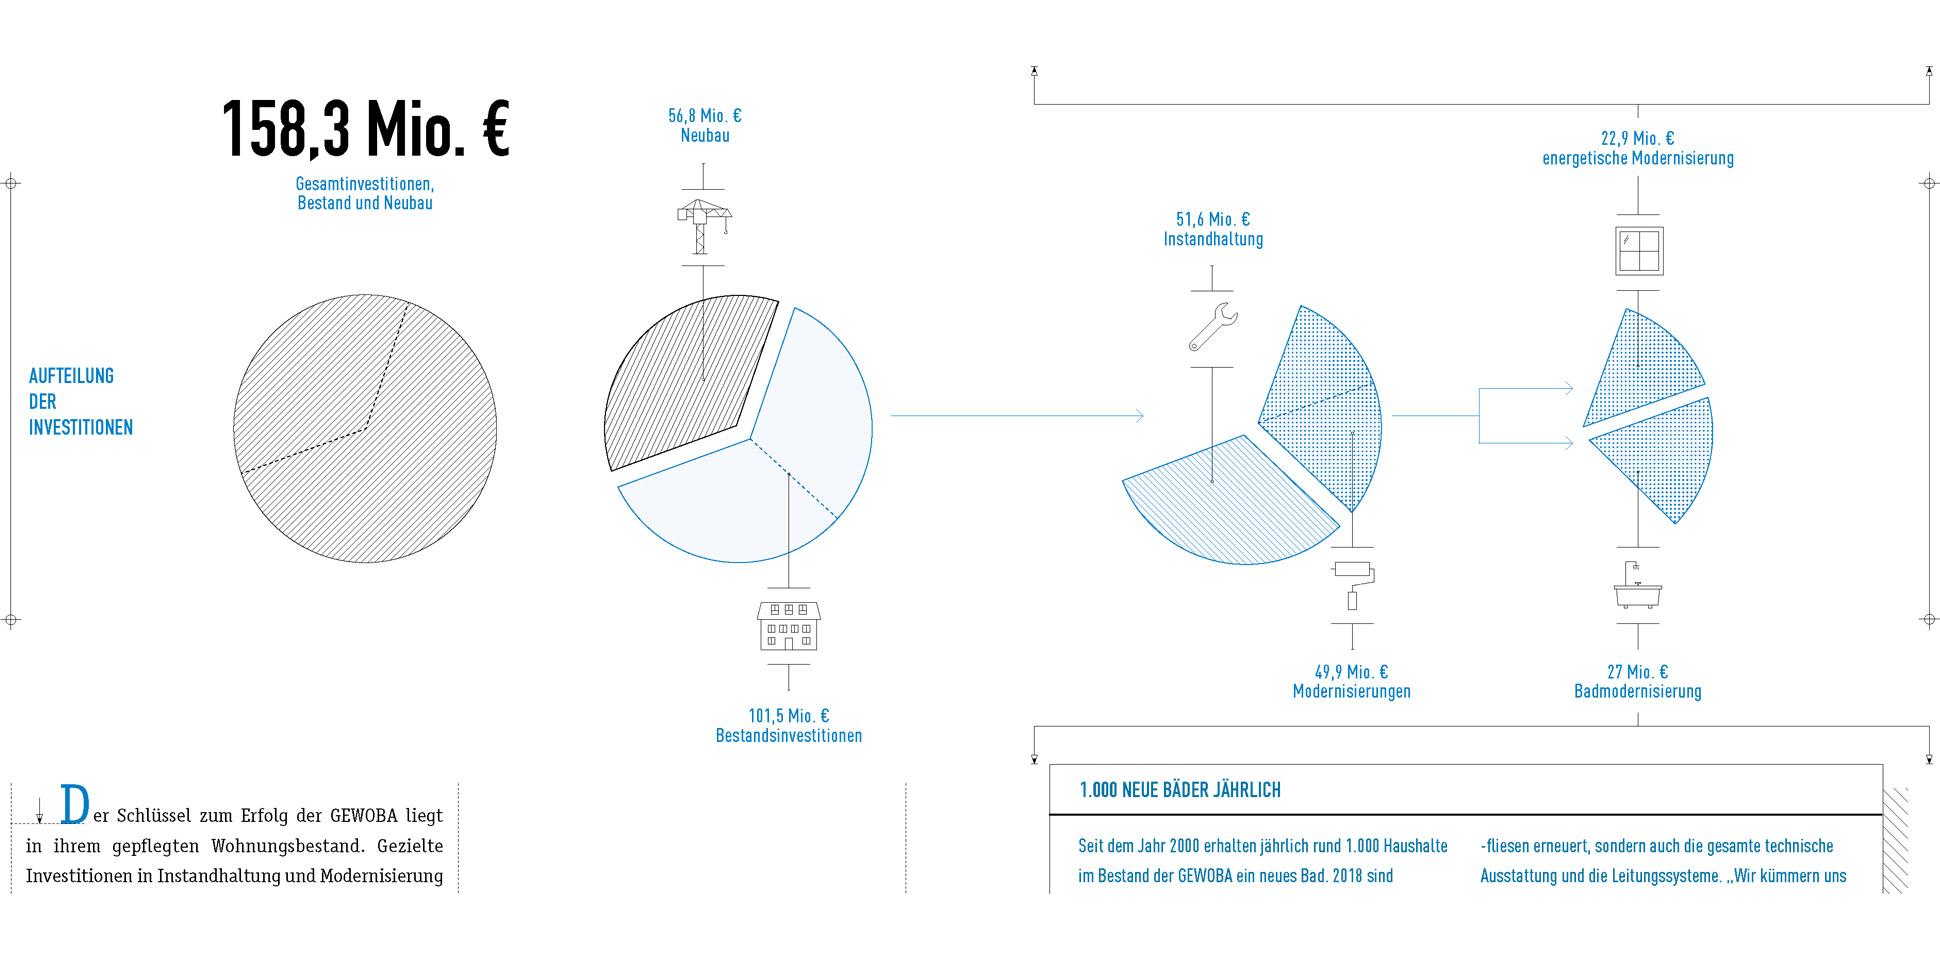 gewoba taetigkeitsbericht grafik blau 2018 polarwerk